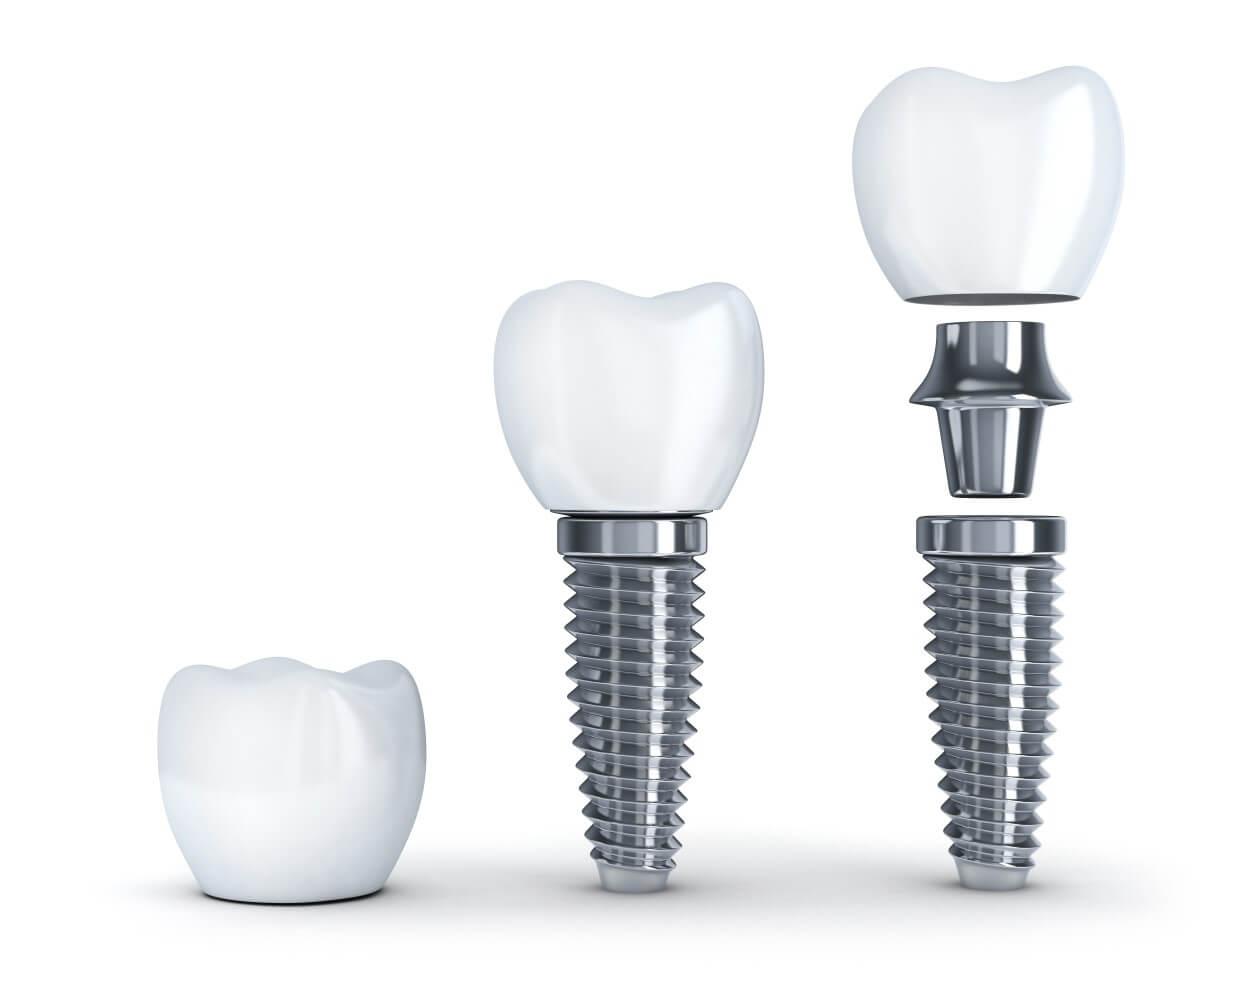 Schaubild zur Veranschaulichung des Aufbaus eines Zahnimplantates